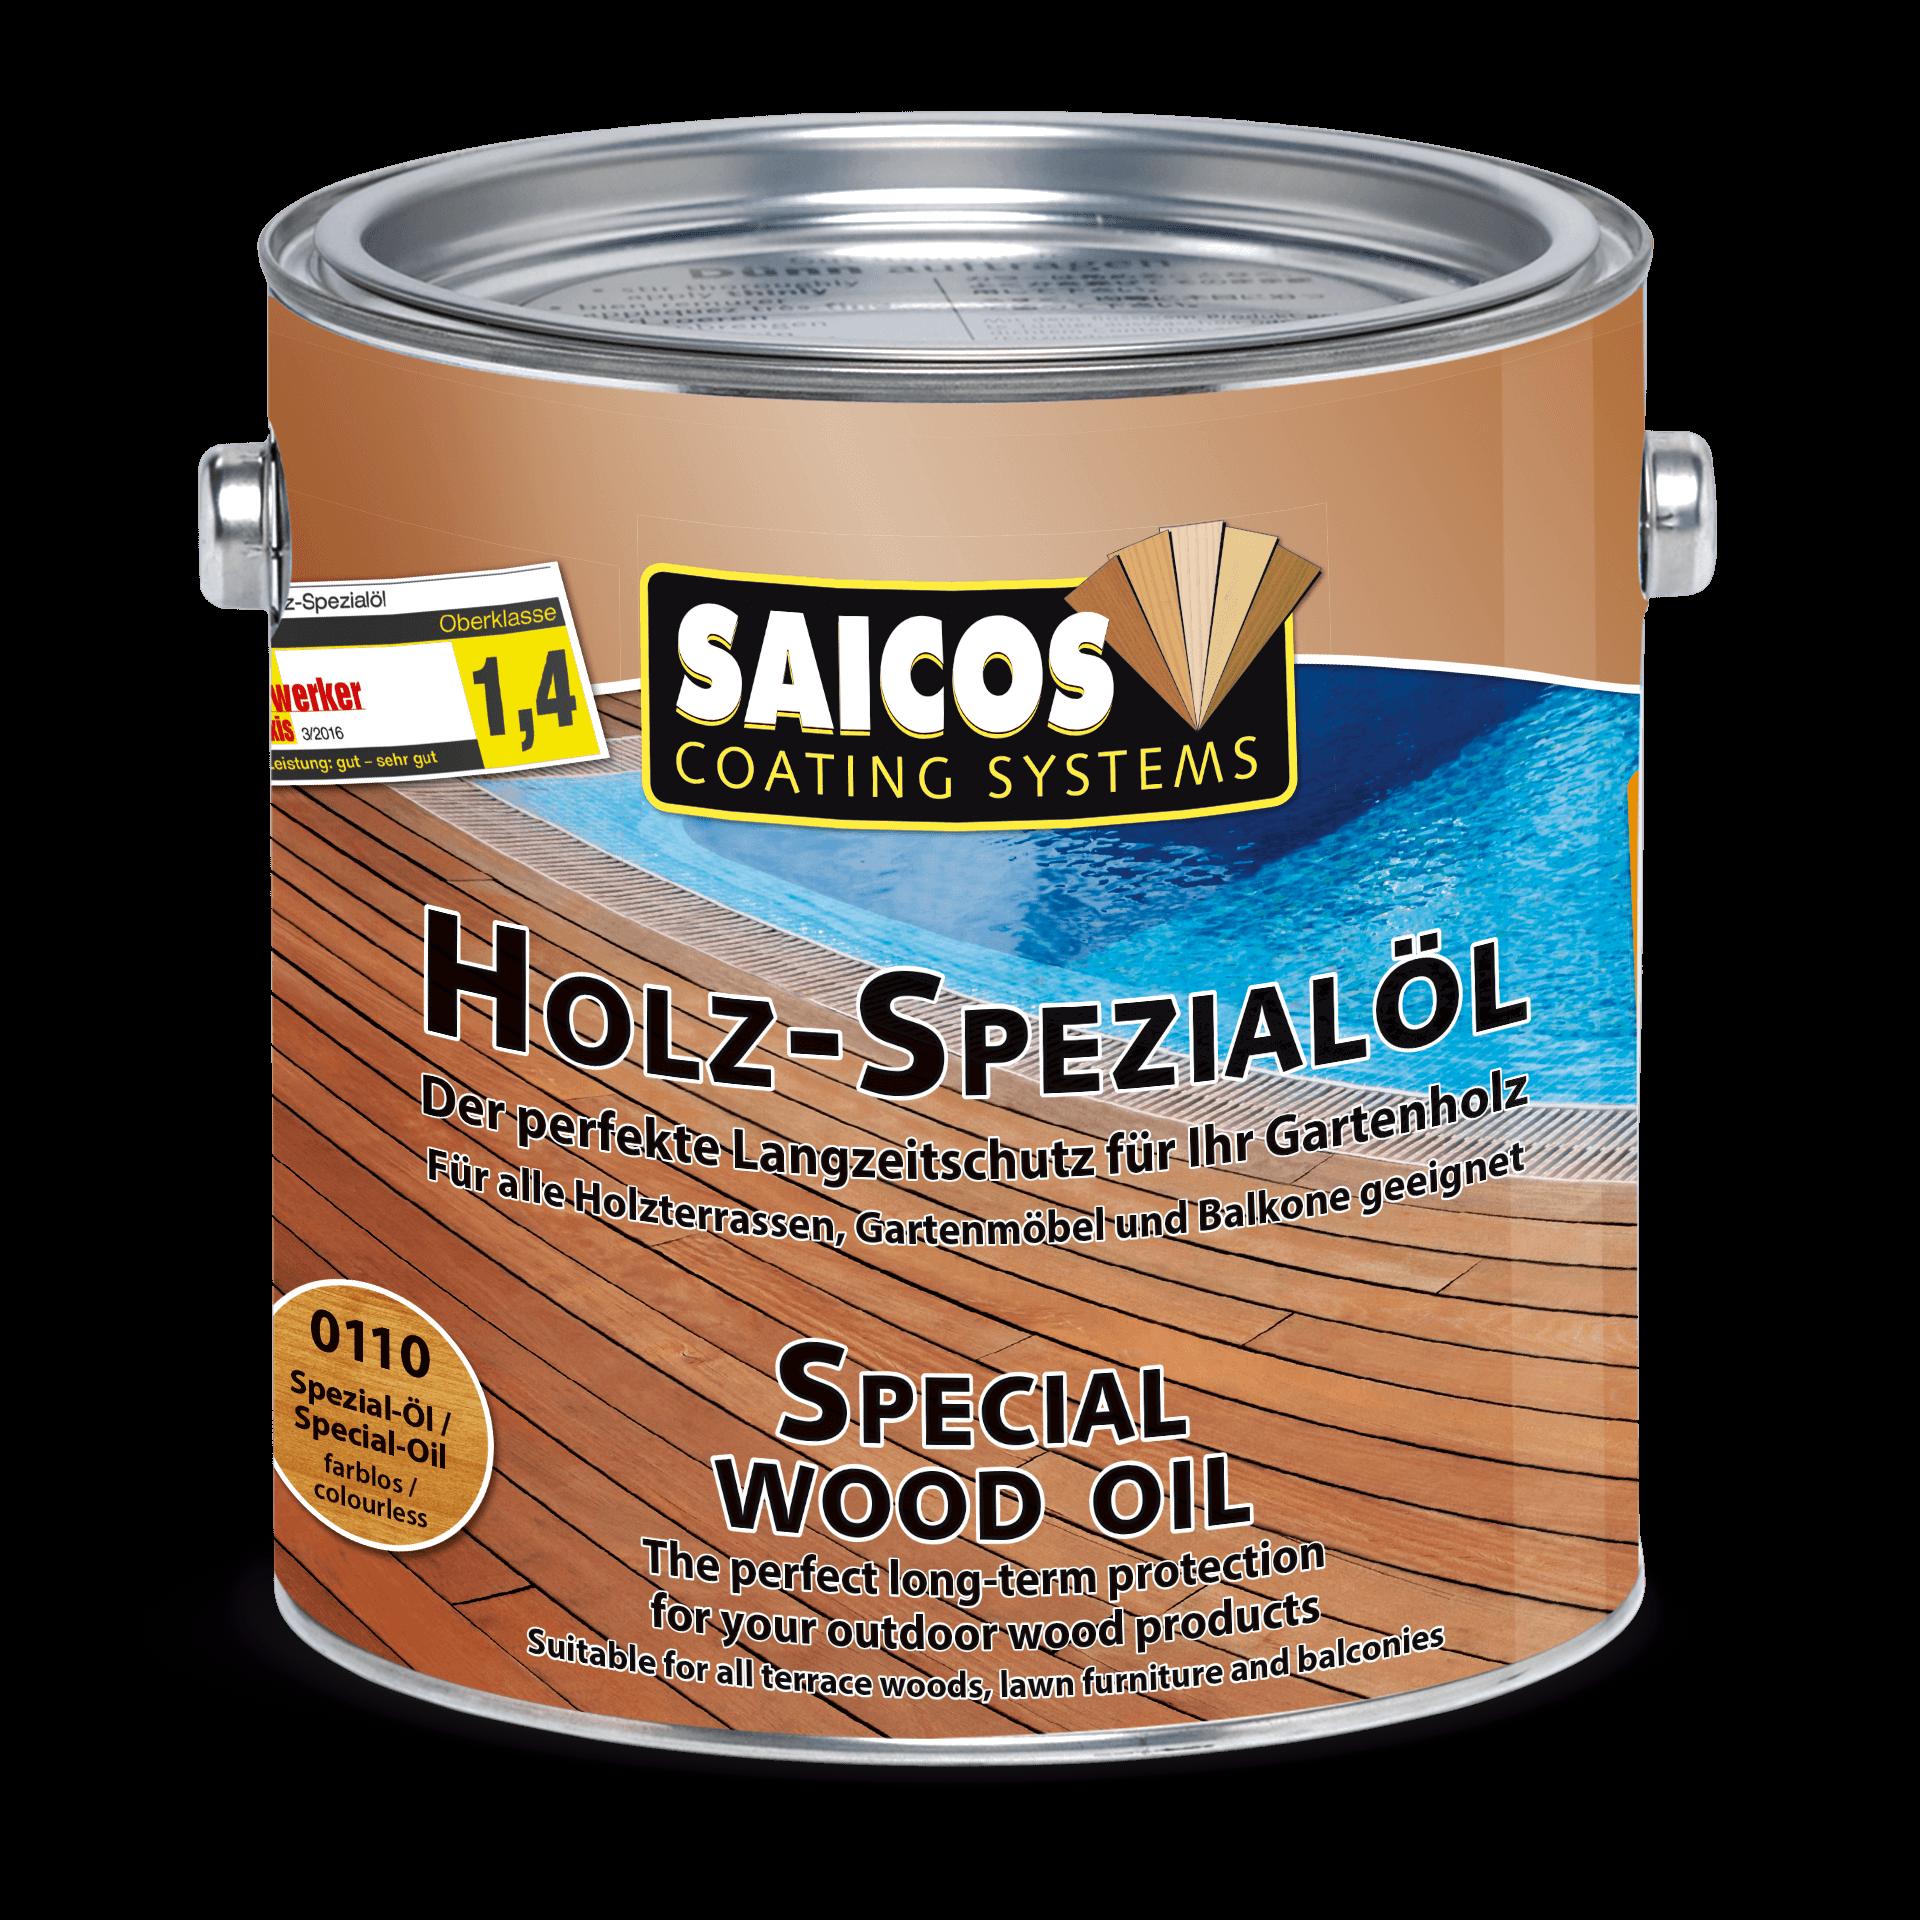 Saicos Holz-Spezialöl Holzpflegeöl